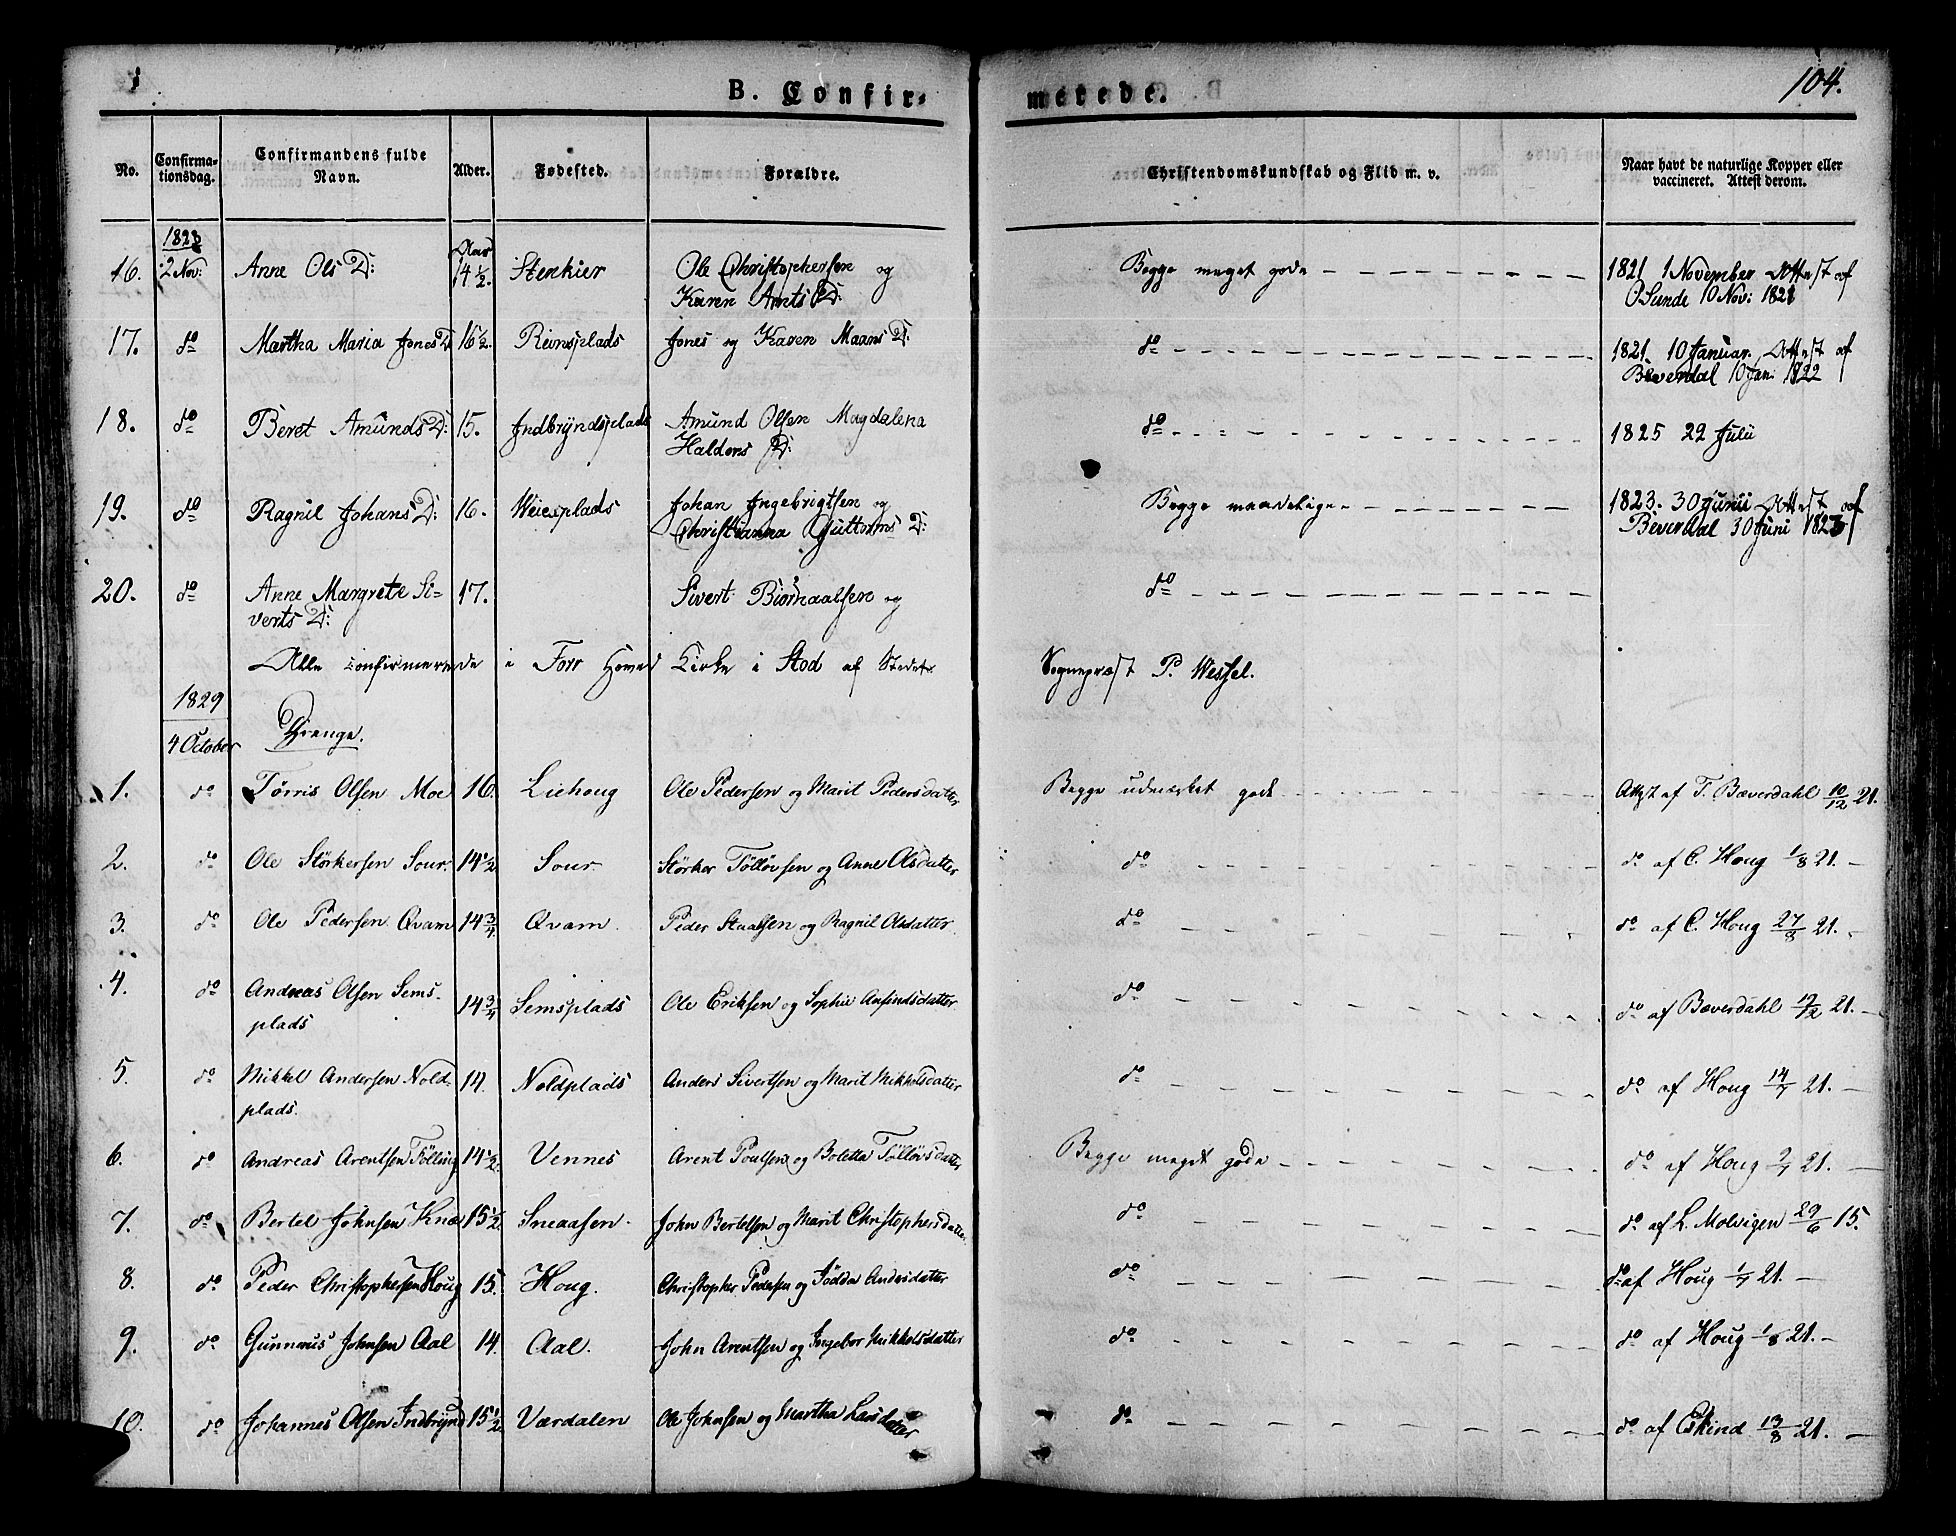 SAT, Ministerialprotokoller, klokkerbøker og fødselsregistre - Nord-Trøndelag, 746/L0445: Ministerialbok nr. 746A04, 1826-1846, s. 104